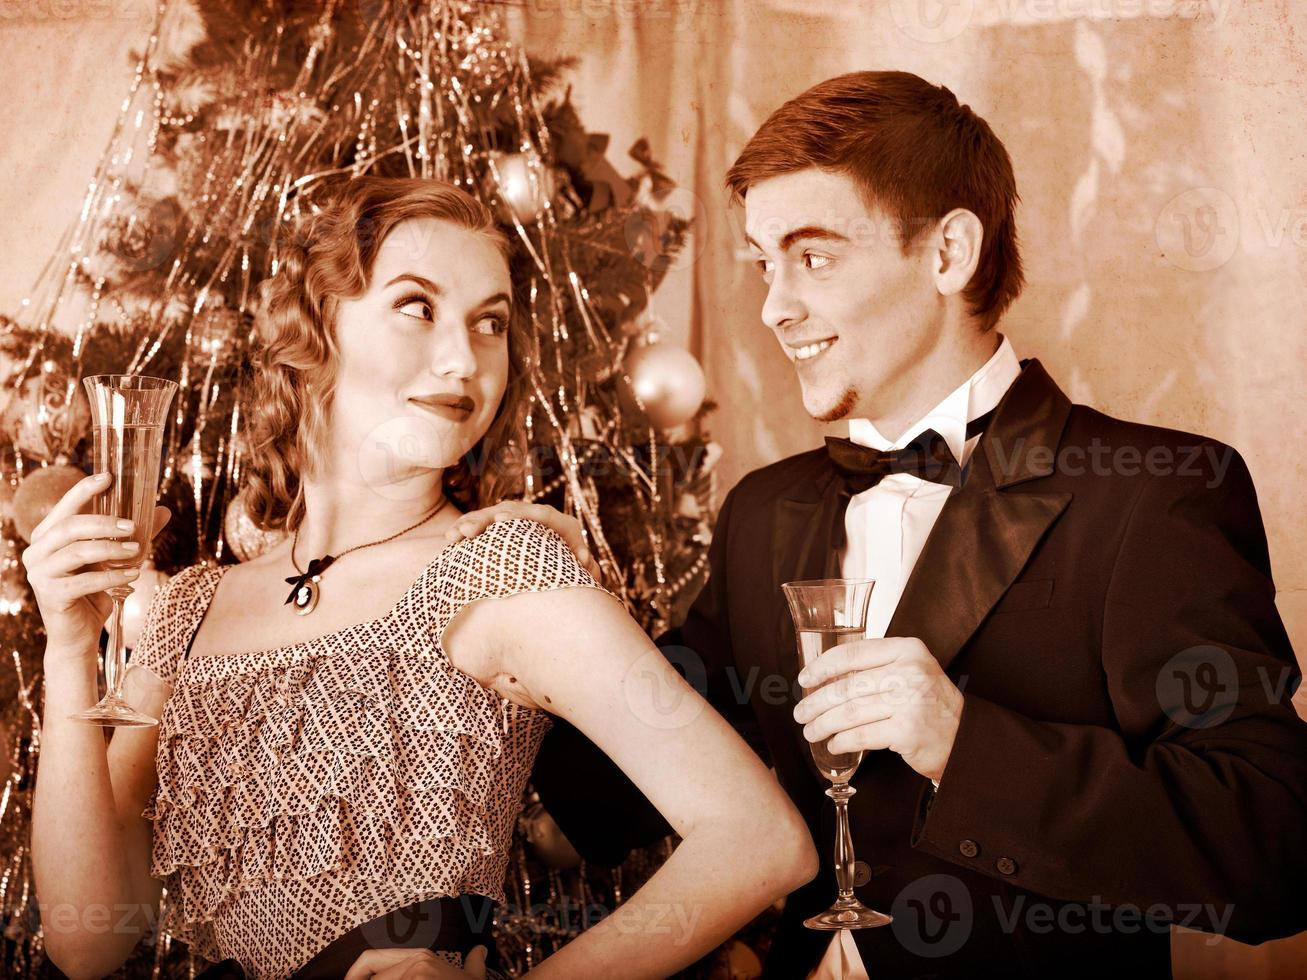 coppia sulla festa di Natale. retrò in bianco e nero. foto